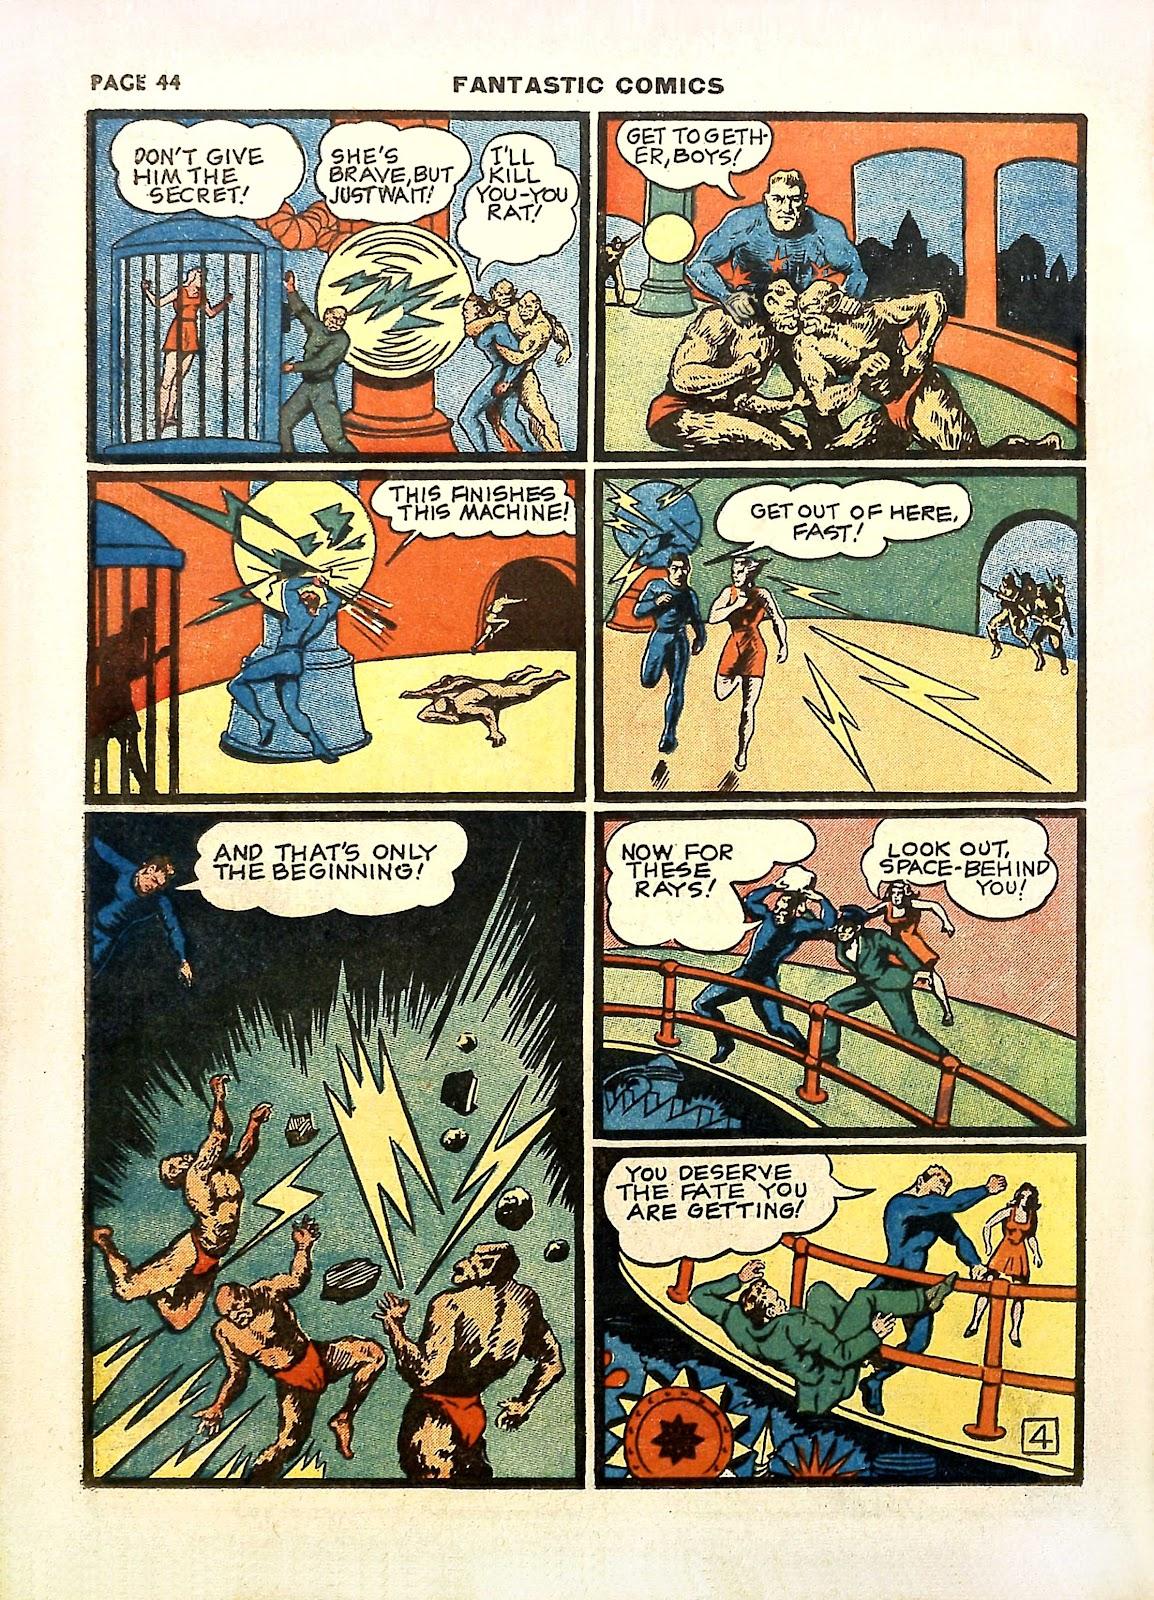 Read online Fantastic Comics comic -  Issue #11 - 47